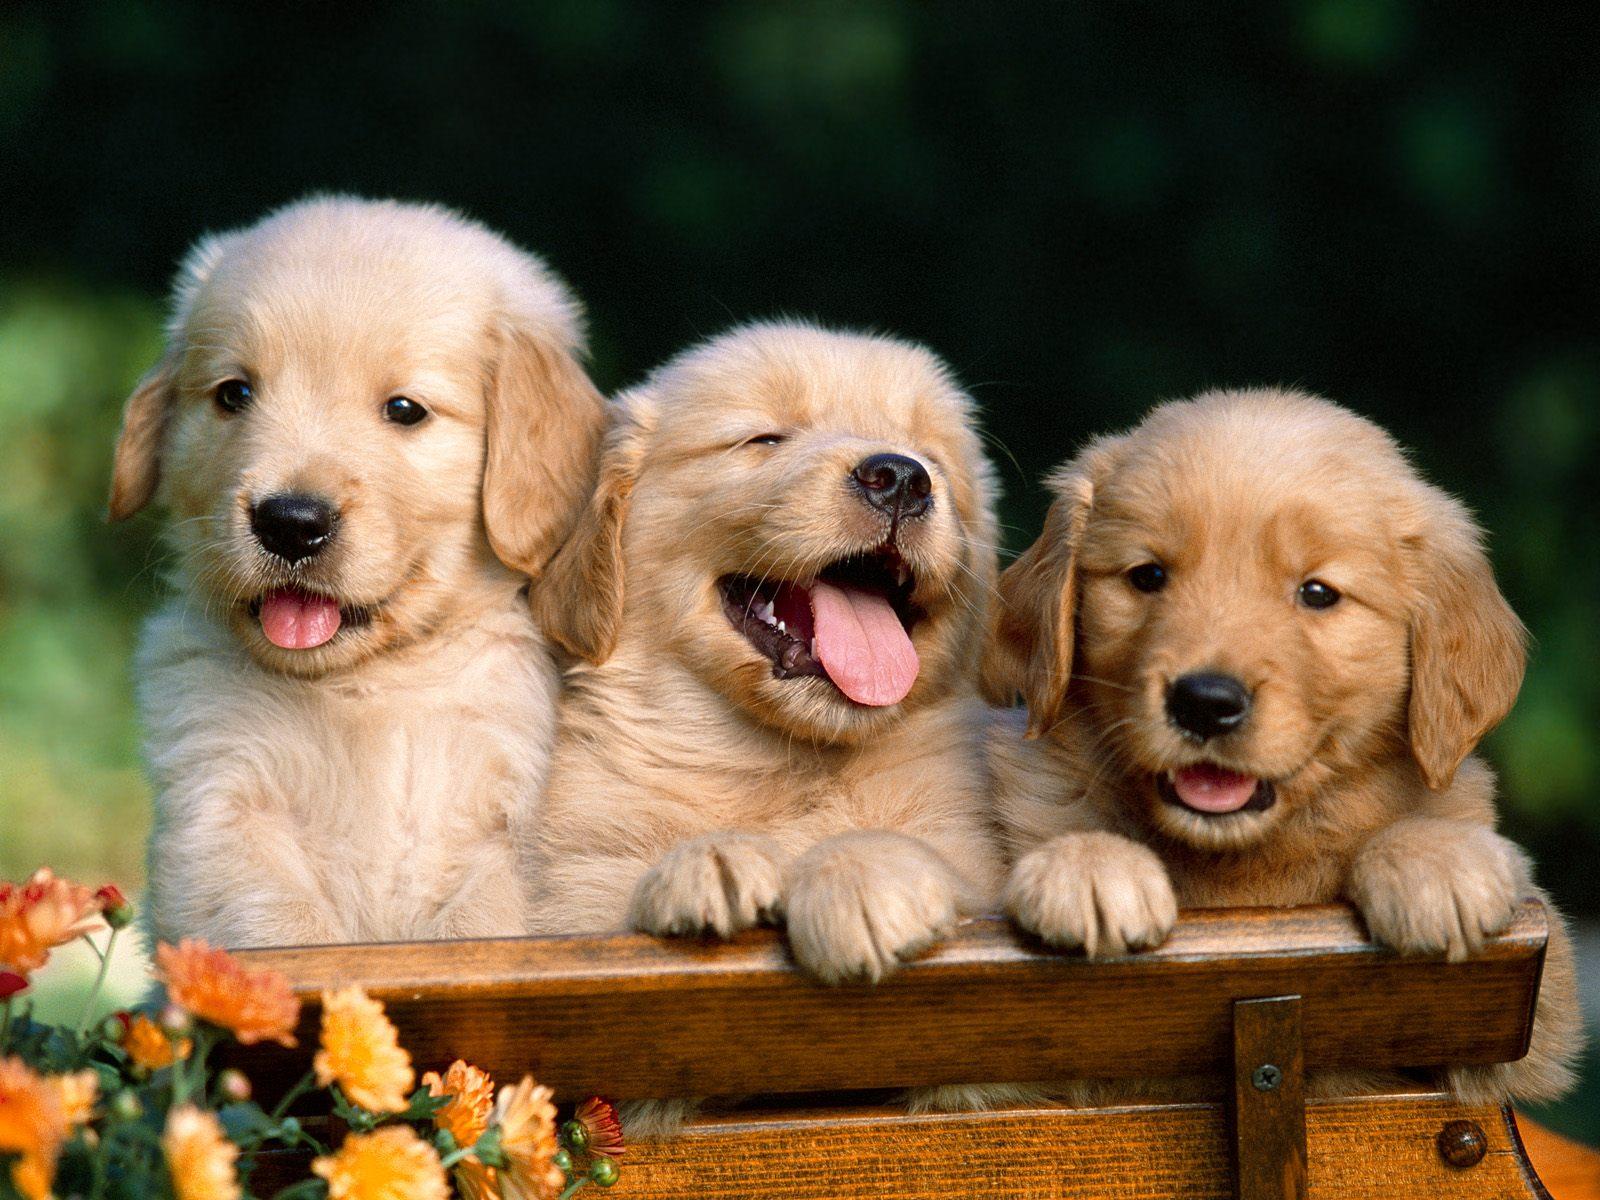 http://1.bp.blogspot.com/_YS05dbJ_EqM/TJDSe7vjOZI/AAAAAAAAADc/6iwHUw-LXk8/s1600/Golden_Retriever_Puppies.jpg